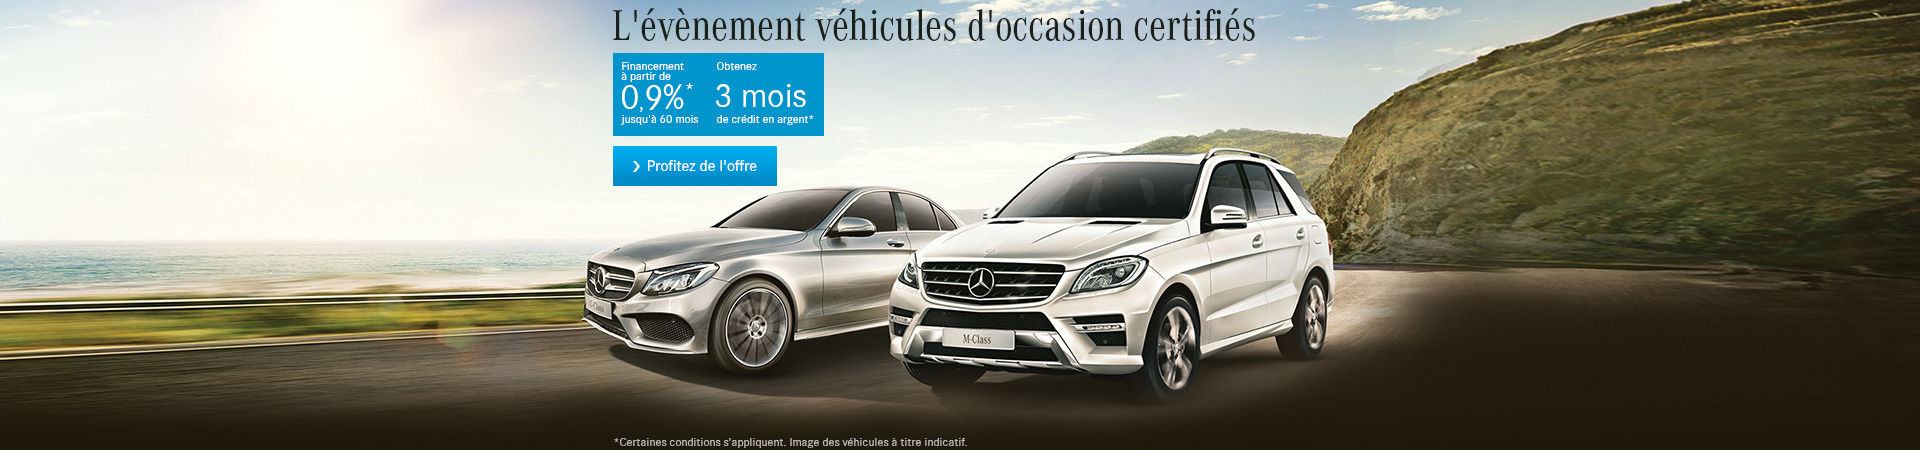 L'évènement véhicules d'occasion certifiés